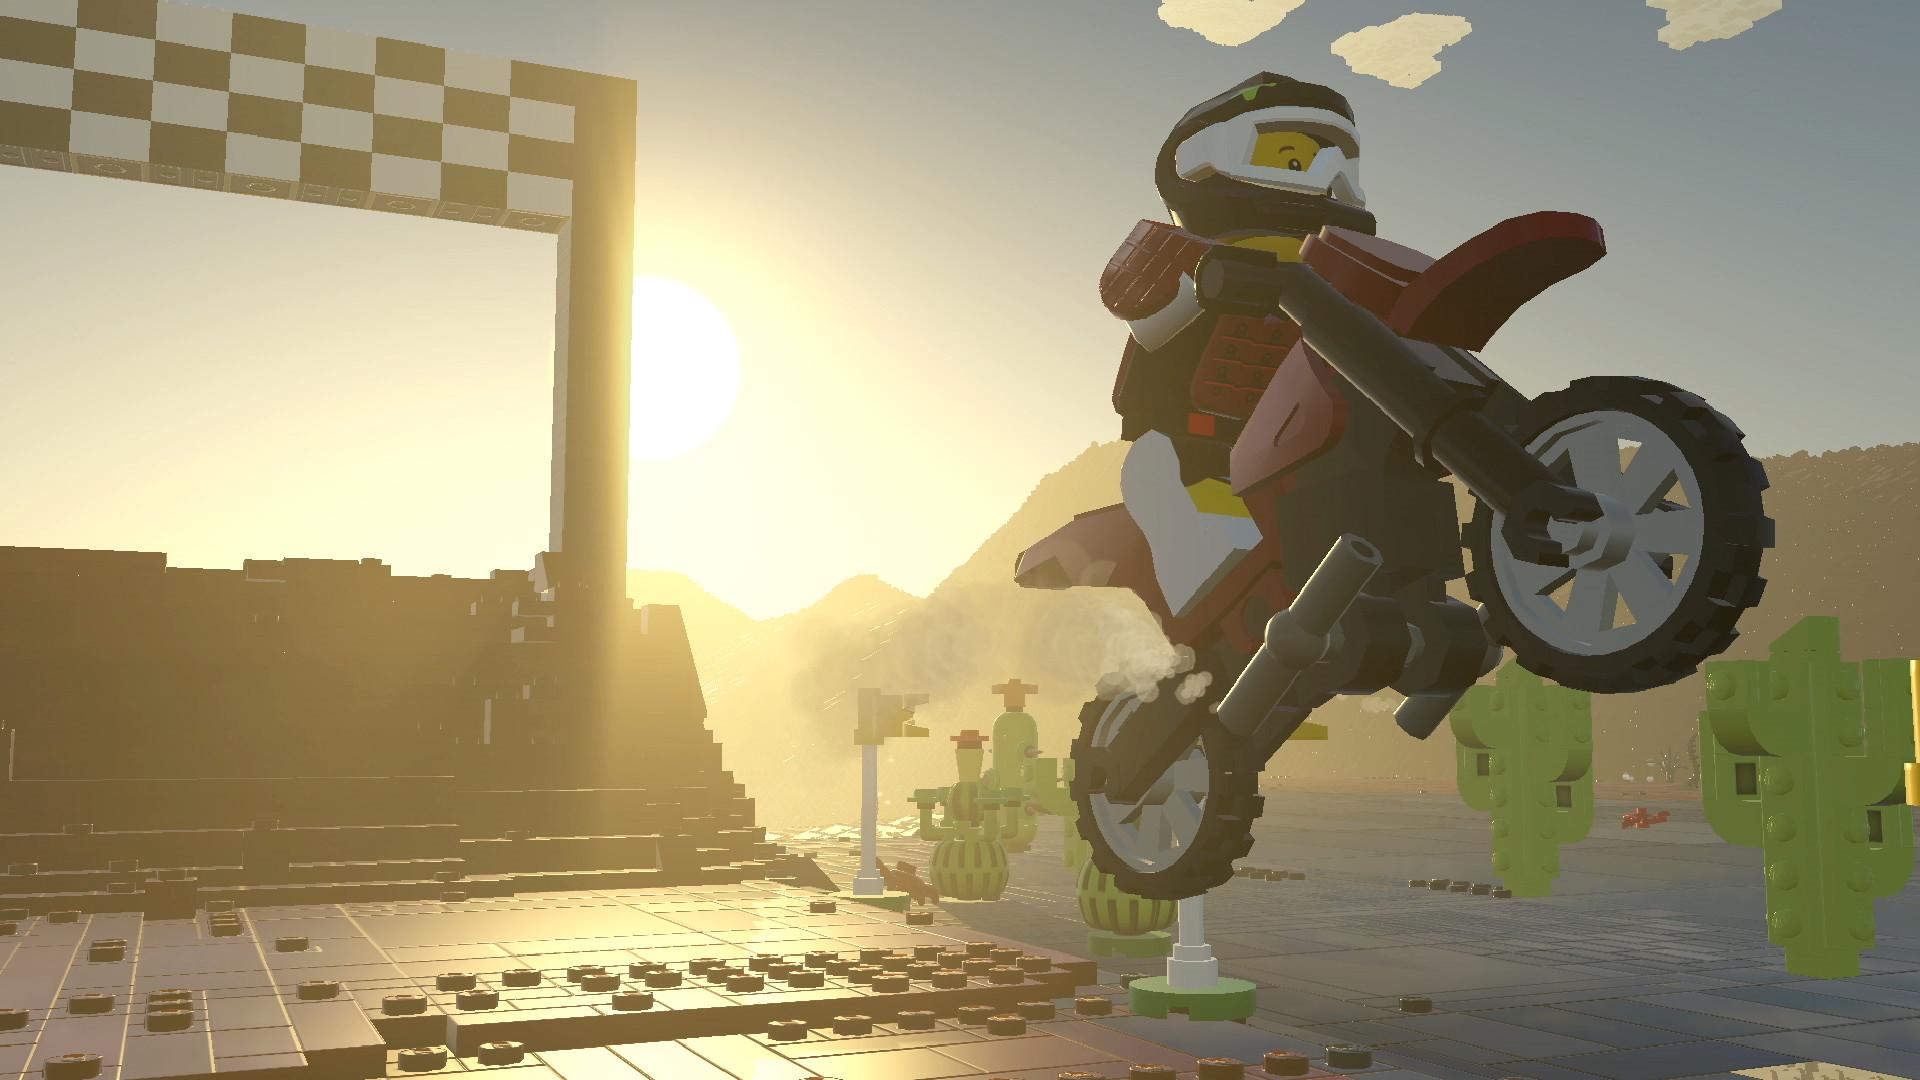 Lego Worlds On Steam